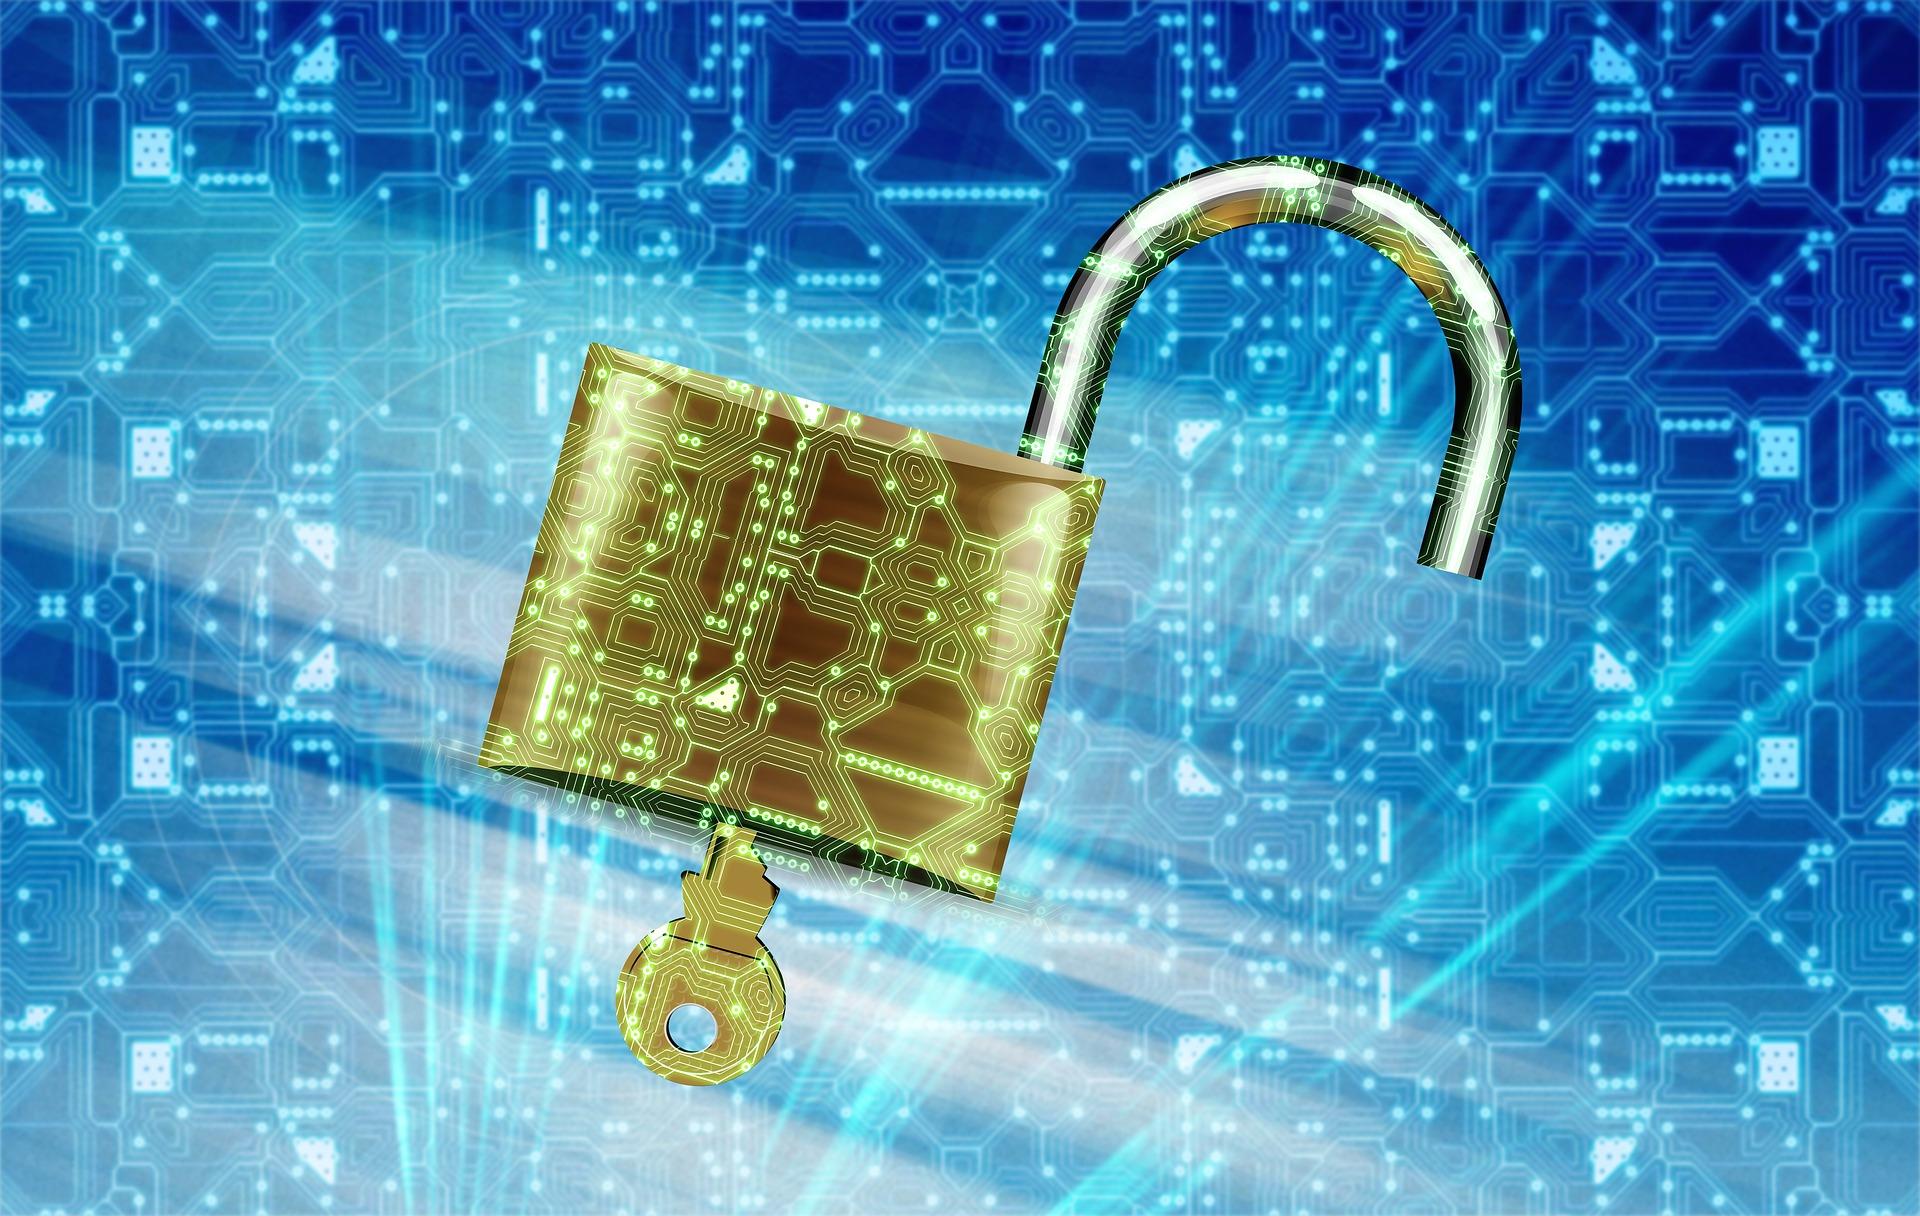 セキュリティで注目されるWAFとは何か。種類やメリットについてのアイキャッチイメージ